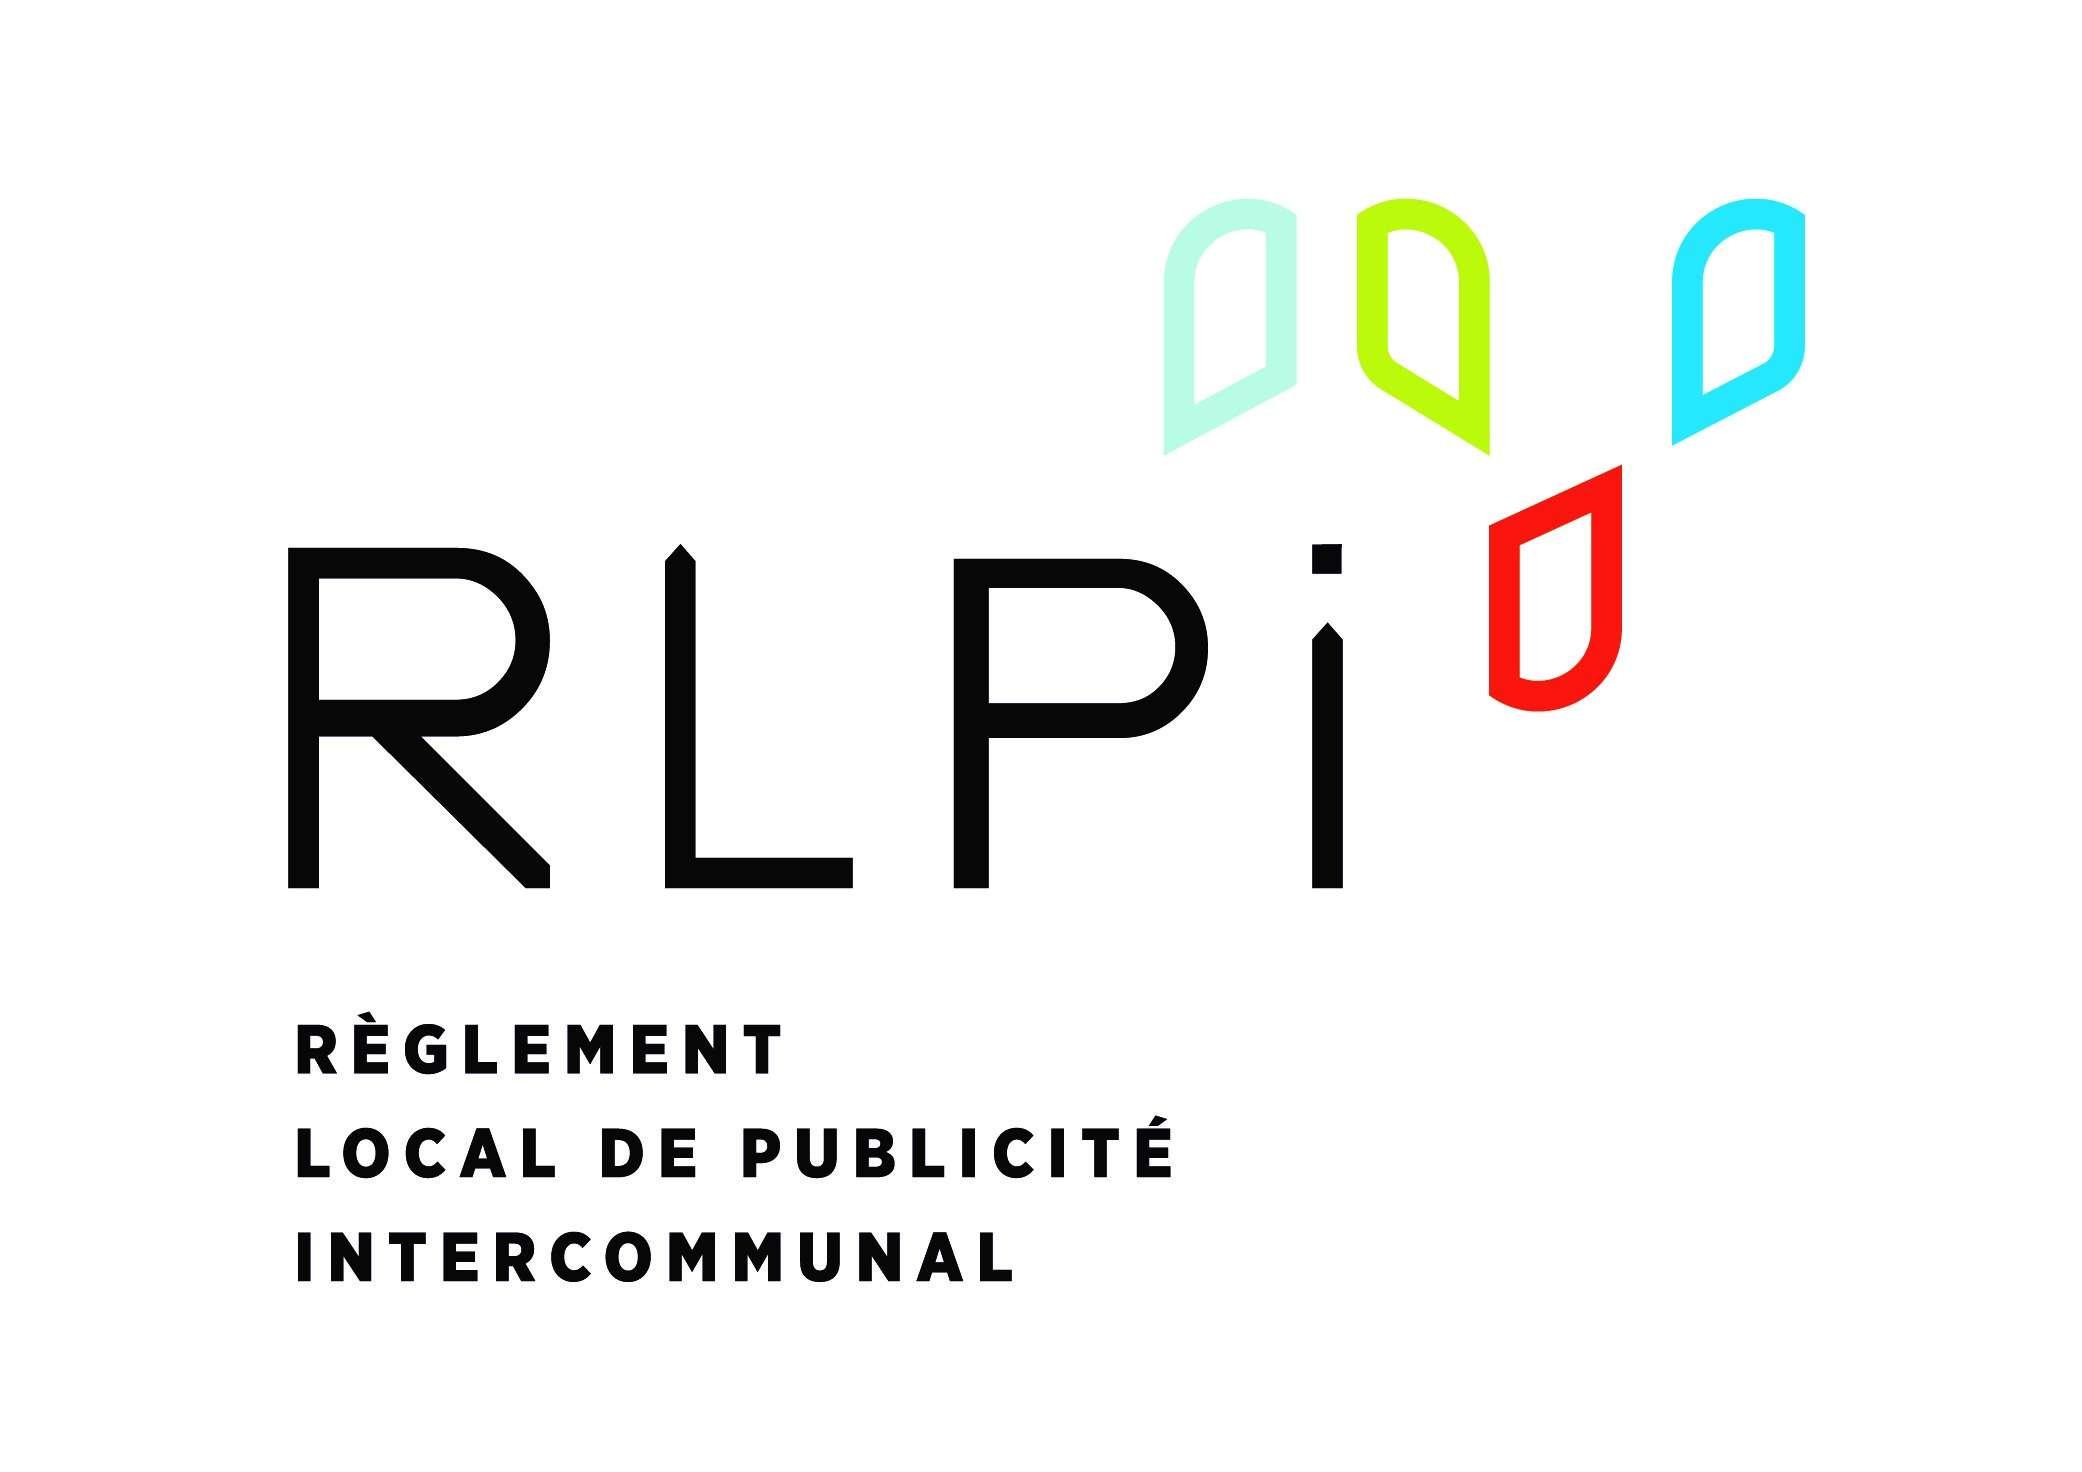 RÈGLEMENT LOCAL DE PUBLICITÉ INTERCOMMUNAL (RLPI) DU TERRITOIRE MARSEILLE PROVENCE